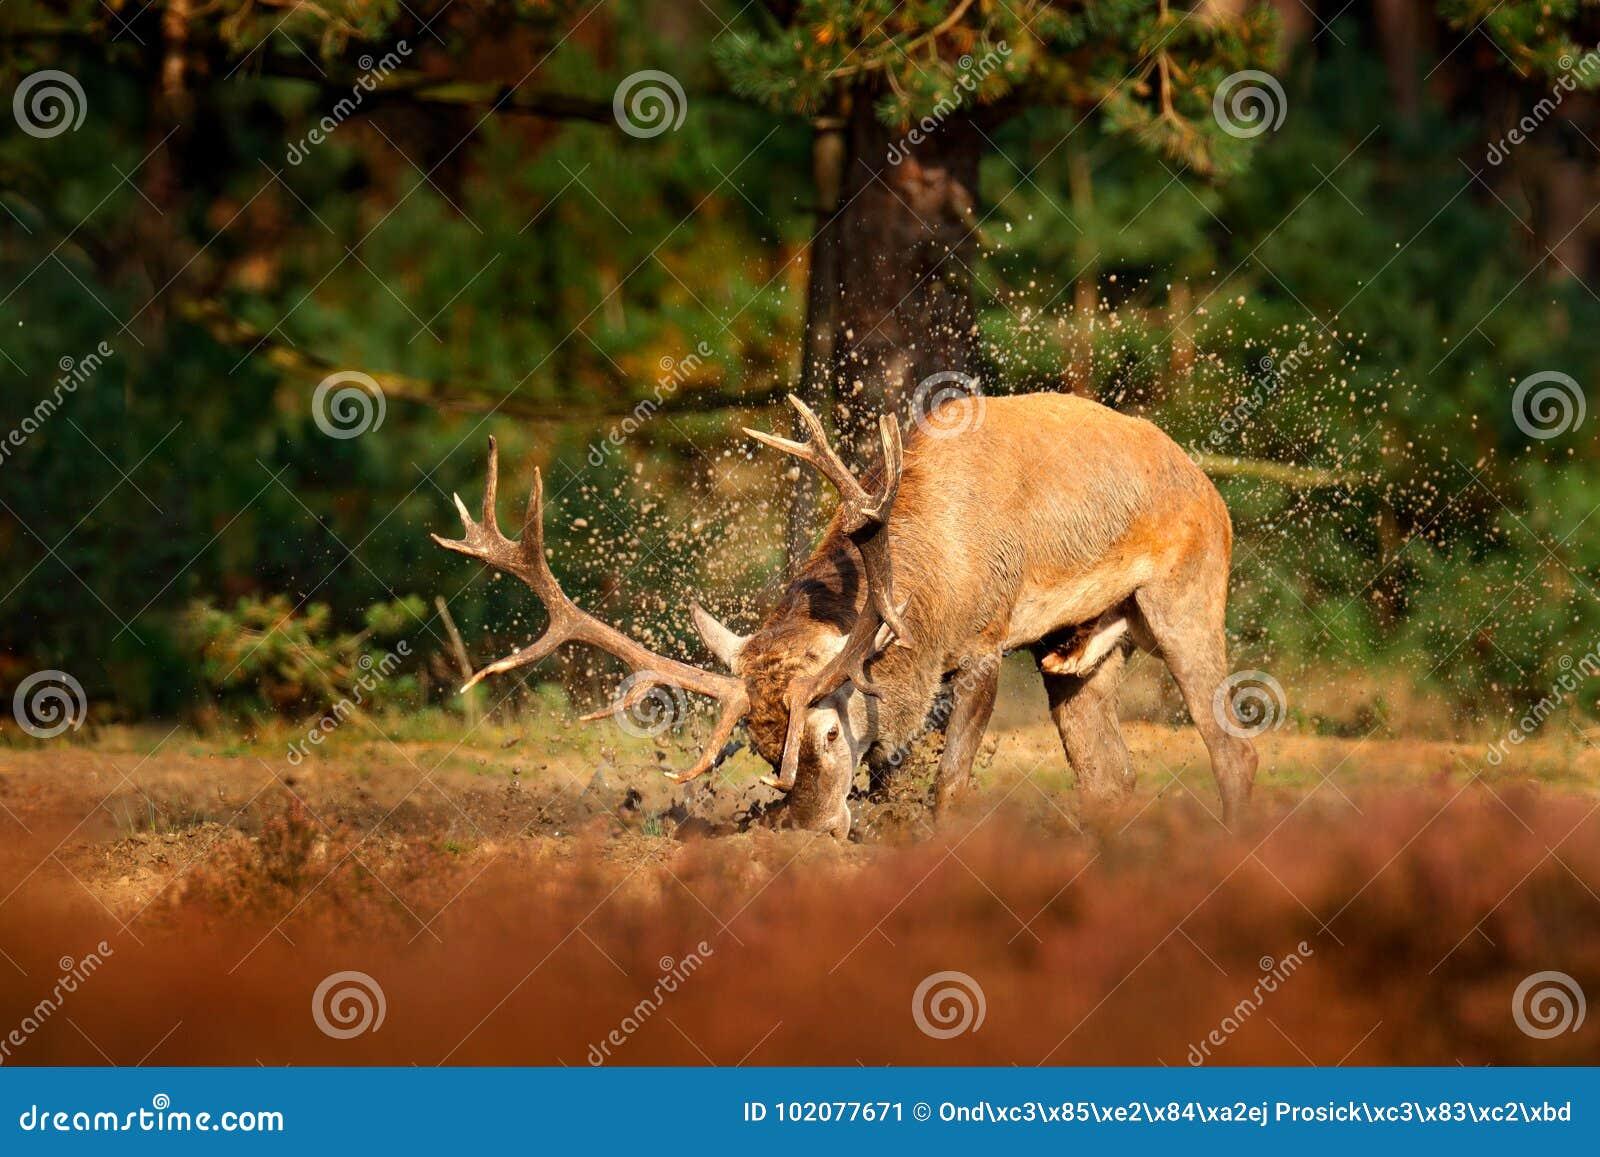 马鹿, rutting季节,泥黏土热水锅 鹿雄鹿,在森林里吼叫在木头,大动物之外的庄严强有力的成人动物